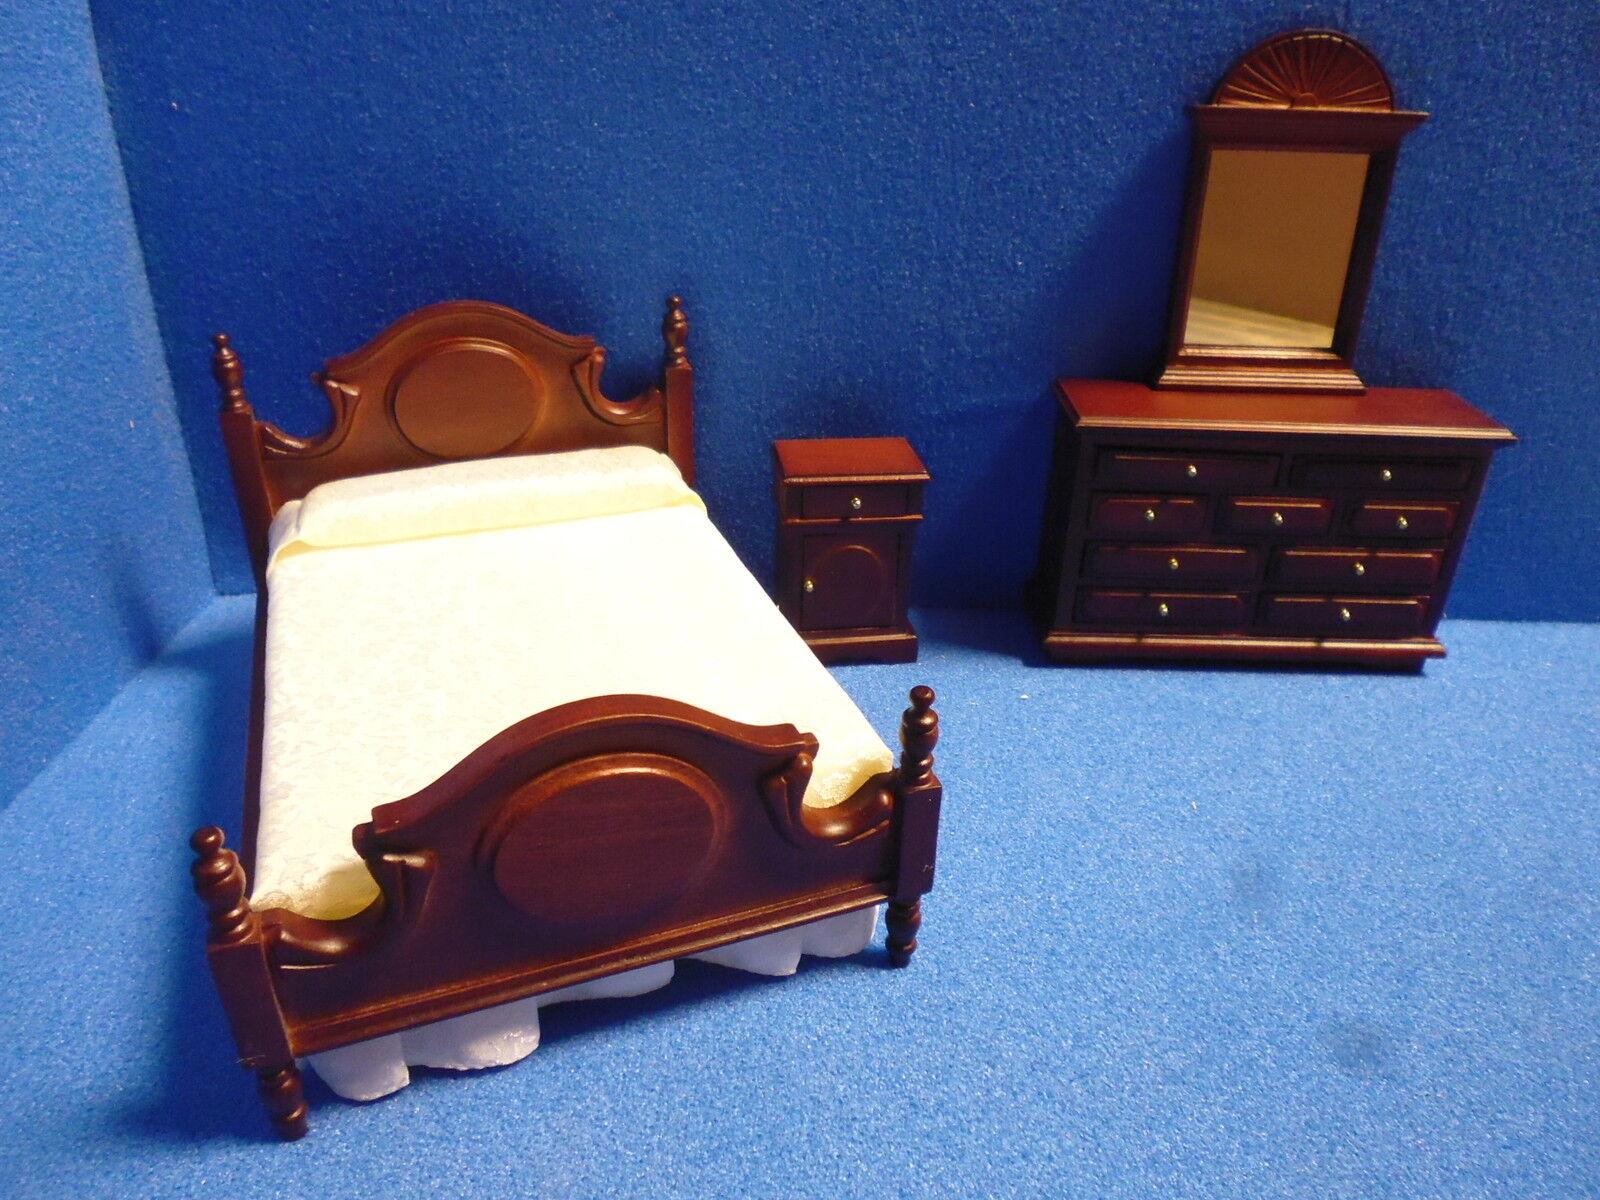 1 12 scala casa delle bambole mobili a da doppia camera da a letto set 99929 mA 9ae5c1